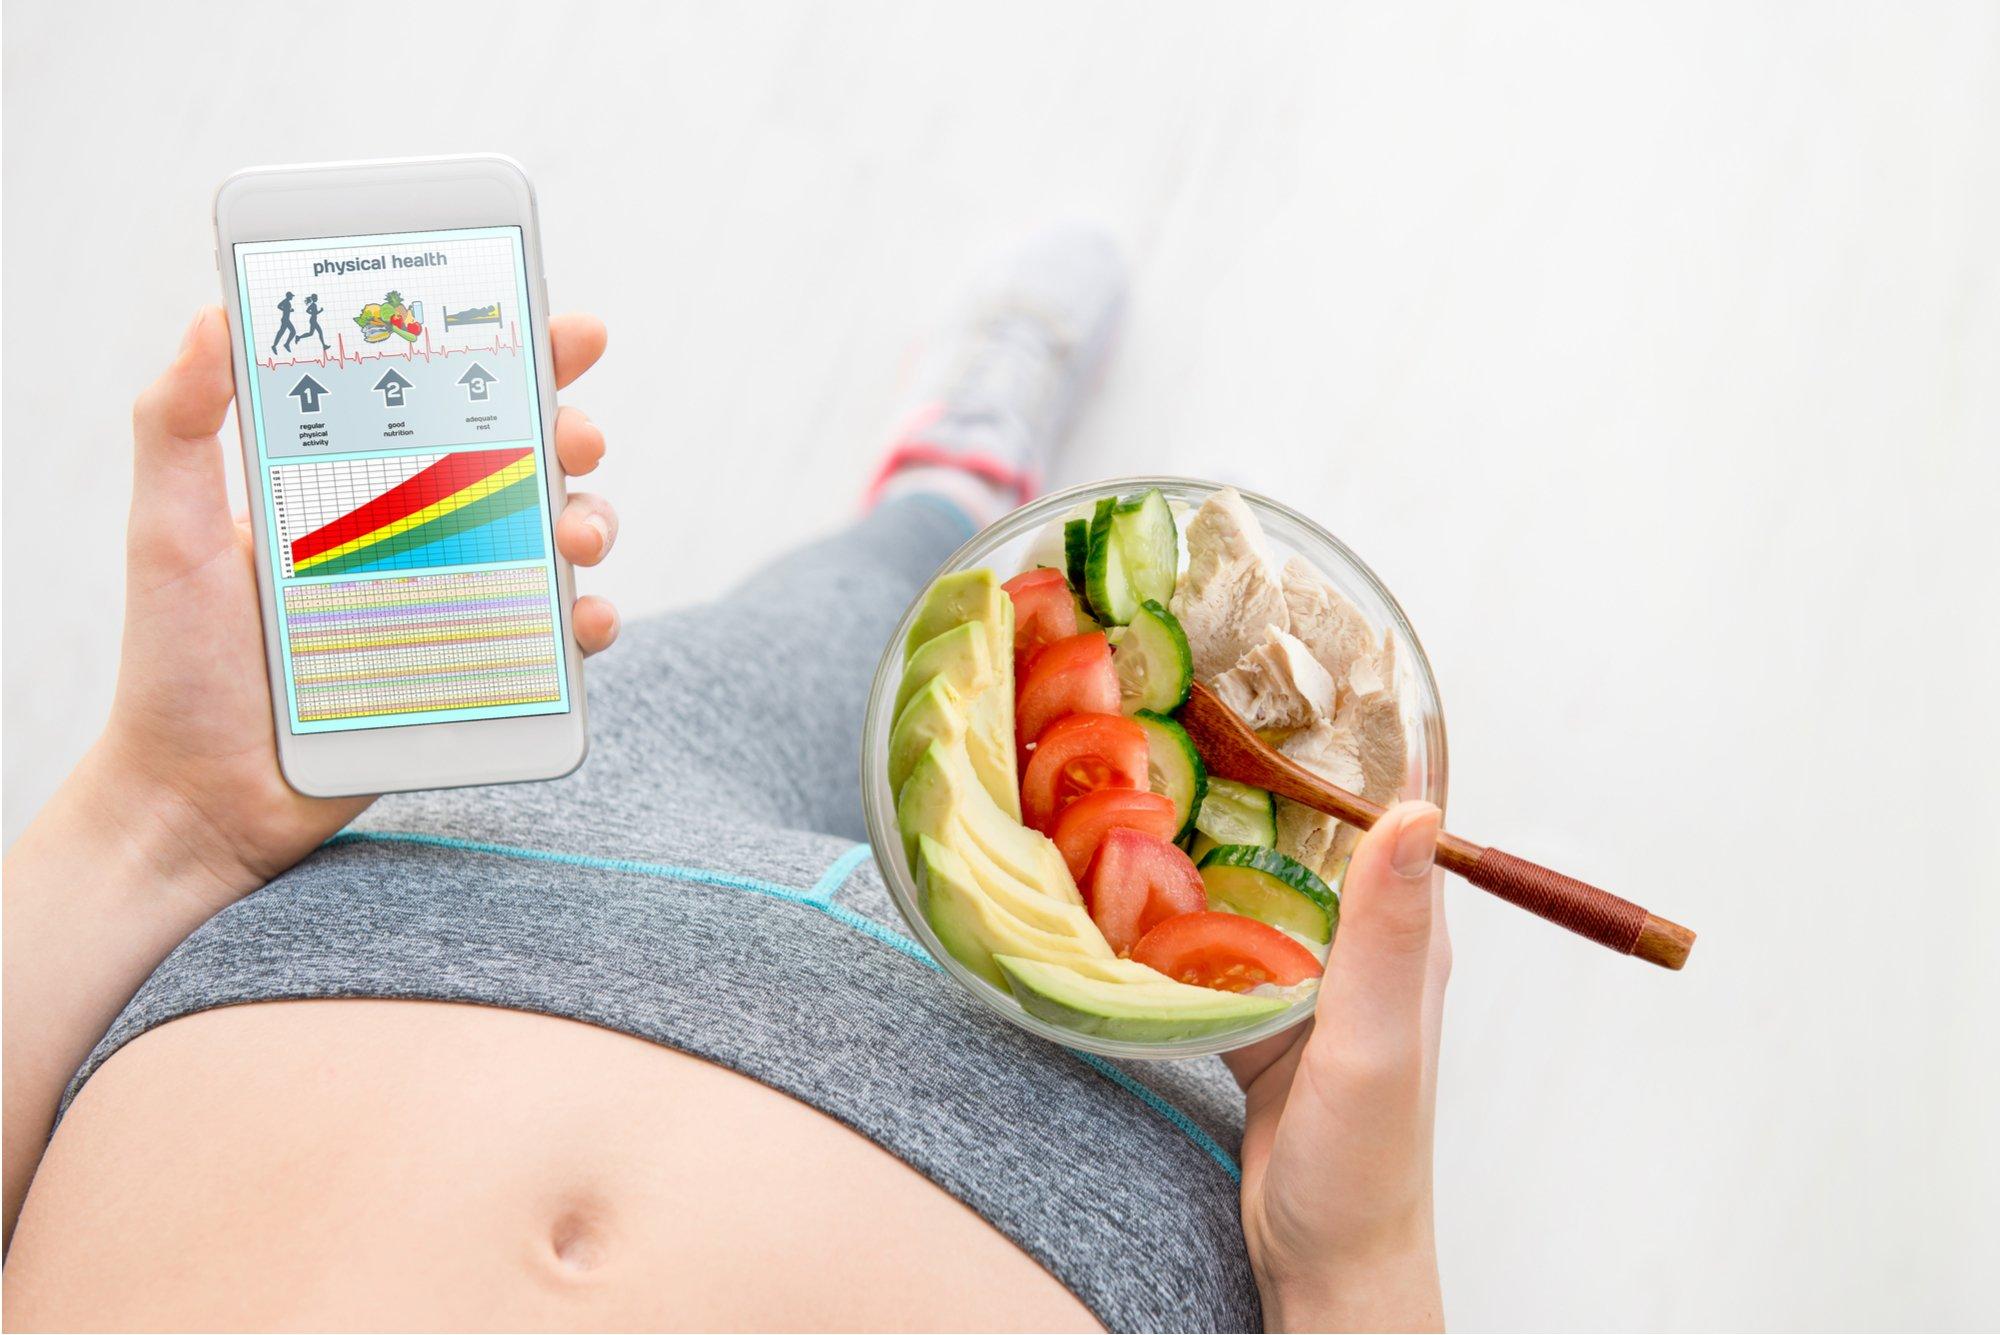 Топ 7 безкоштовних додатків для правильного харчування і підрахунку калорій